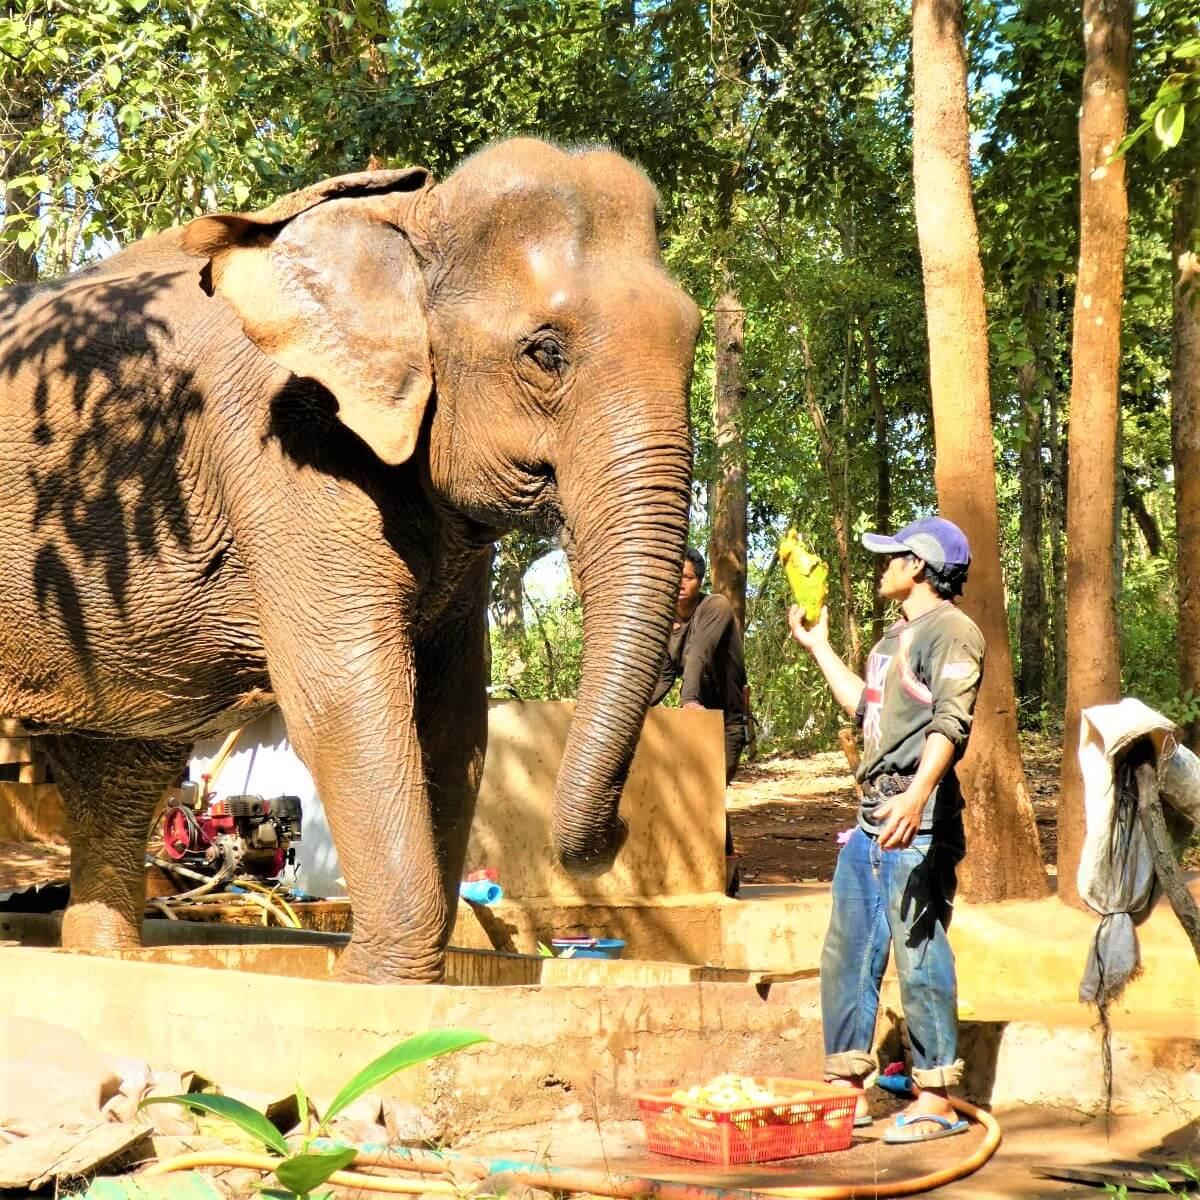 Elephant Sambo at Sen Monorom